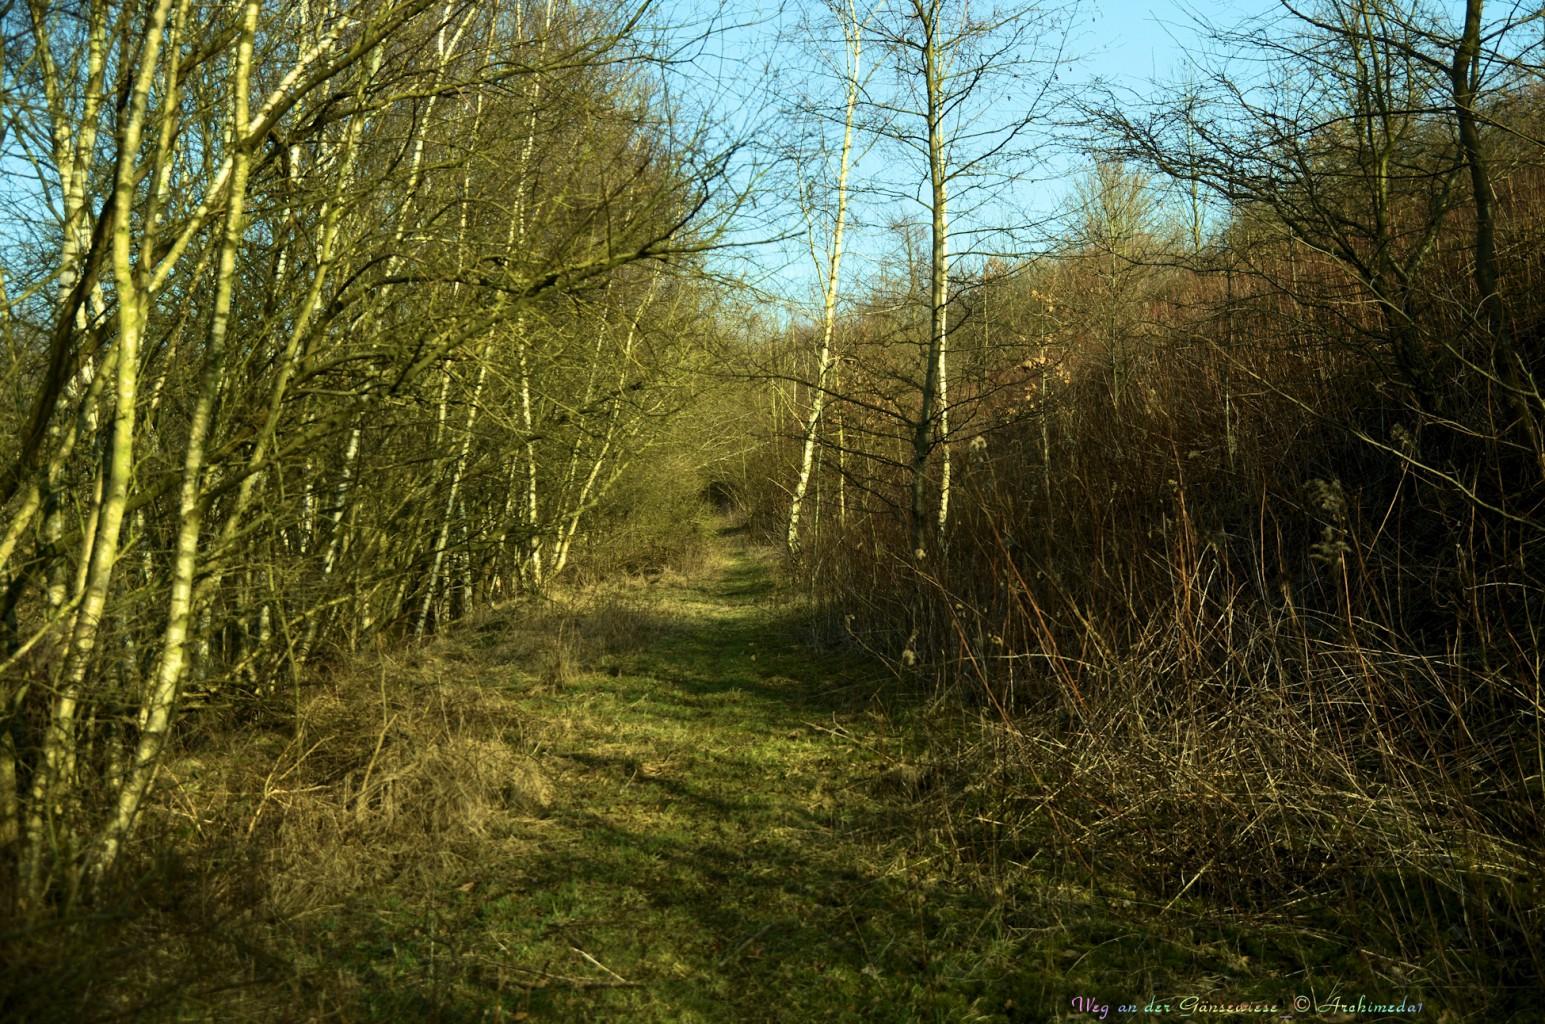 Weg an der Gänsewiese_© Archimeda1